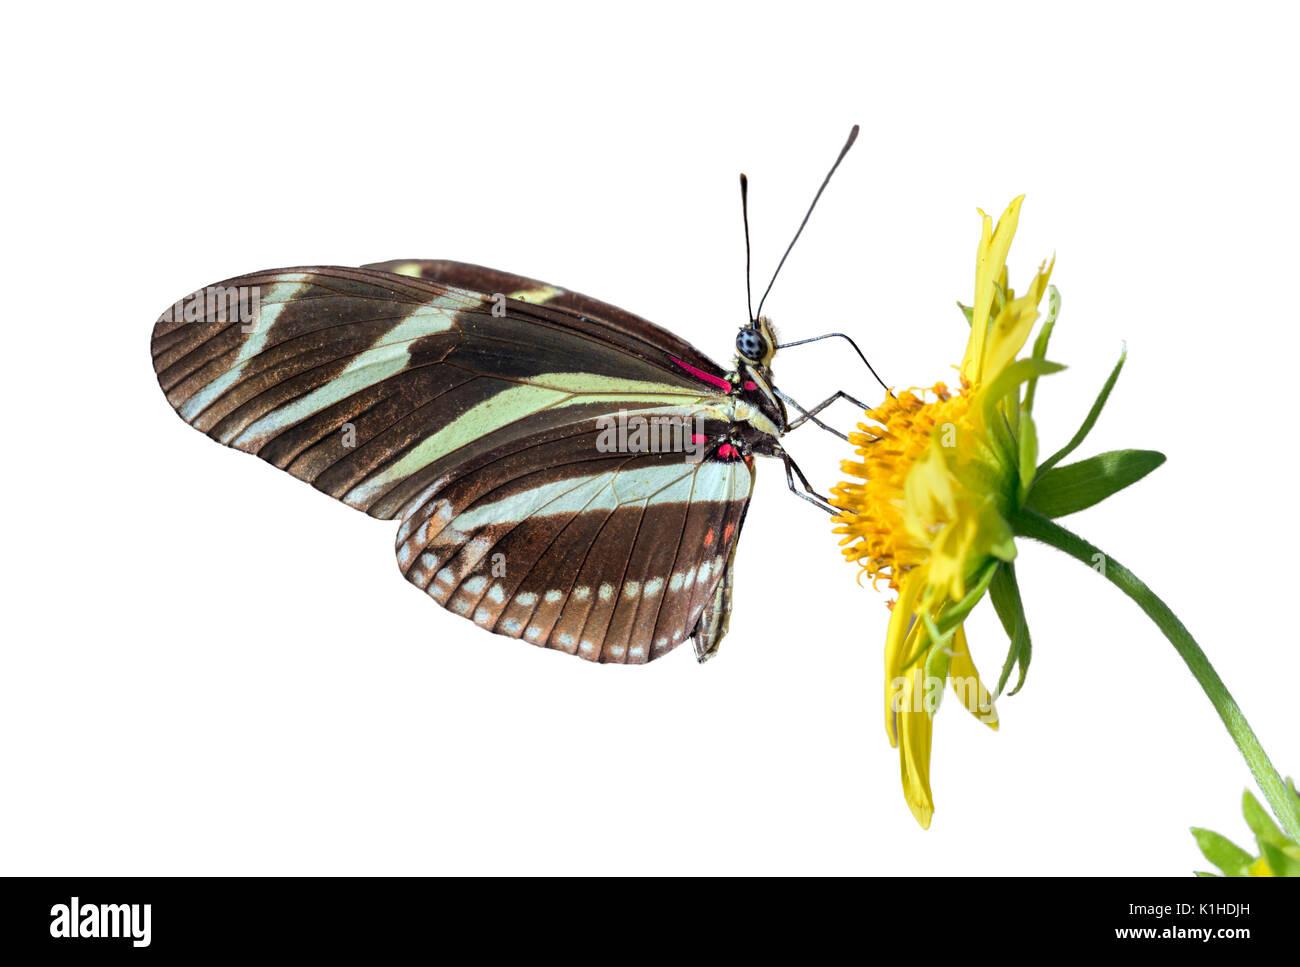 Zebra Longwing Schmetterling (Heliconius charitonius) Fütterung auf eine Blume, auf weißem Hintergrund Stockbild